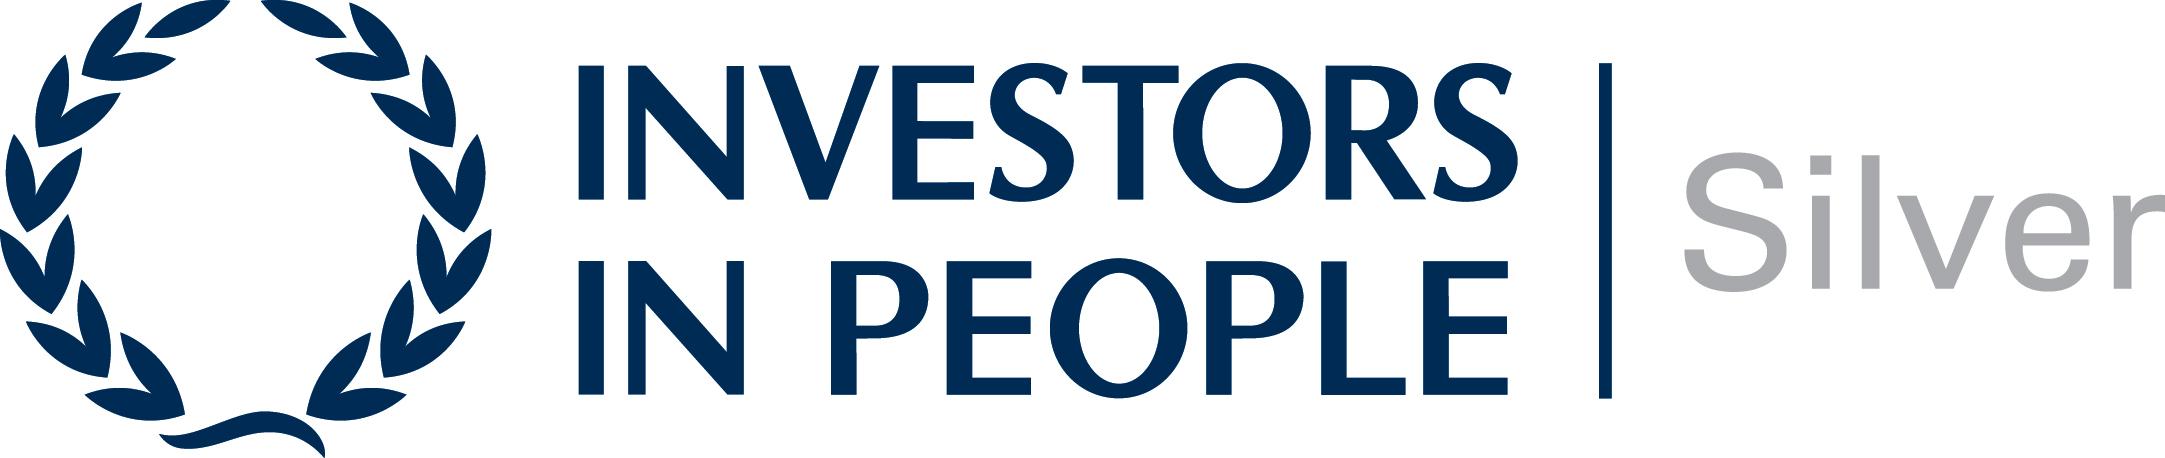 Investors in People Silver award logo